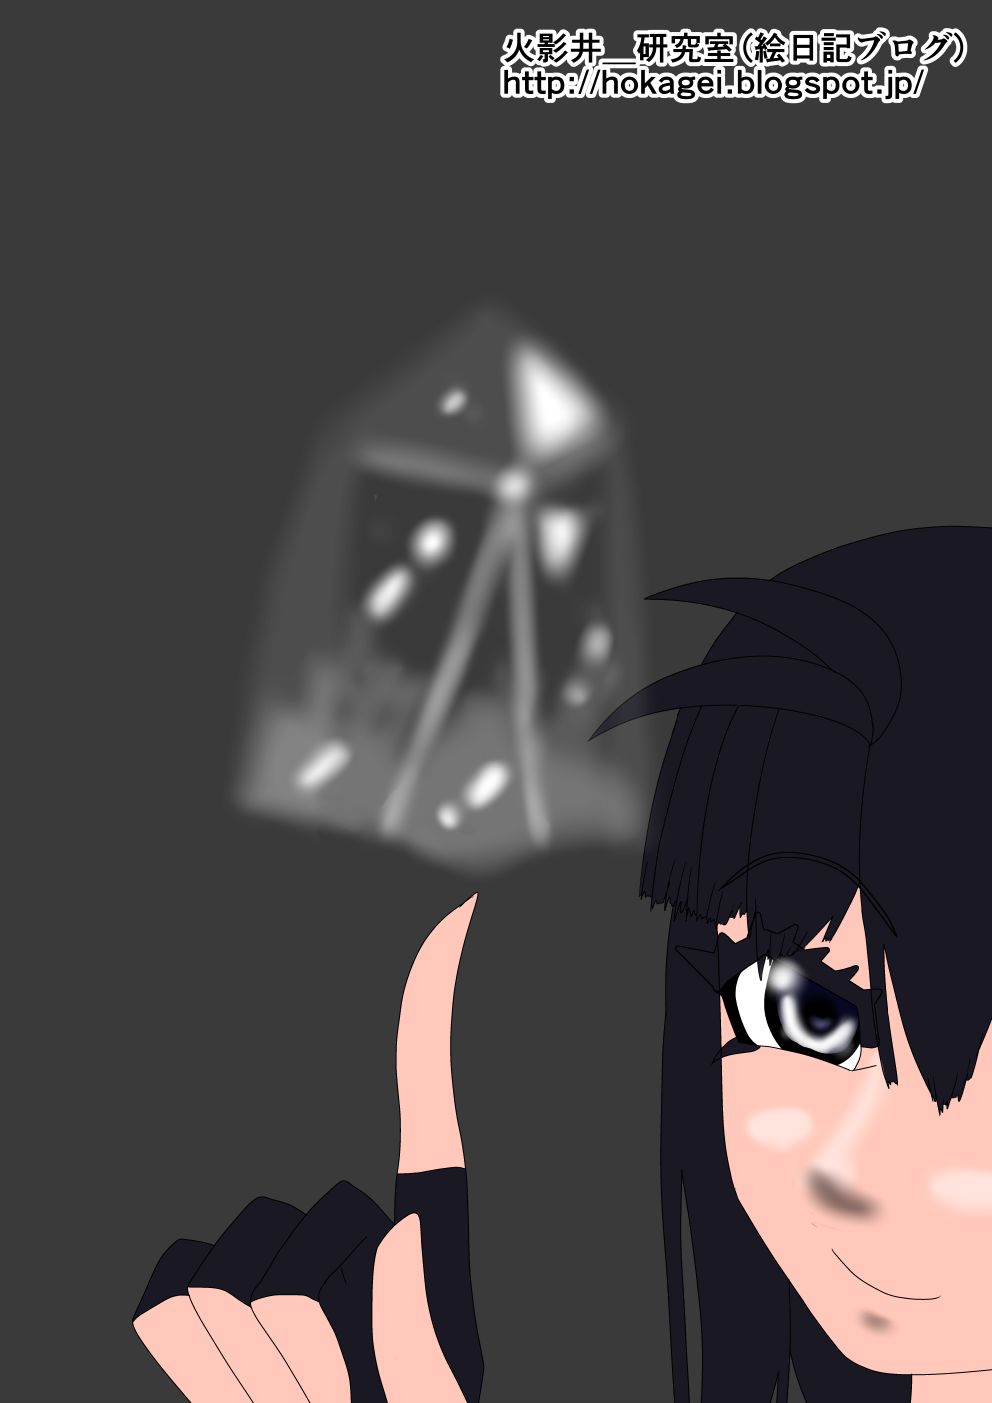 水晶の描き方練習その3(八雲楓)